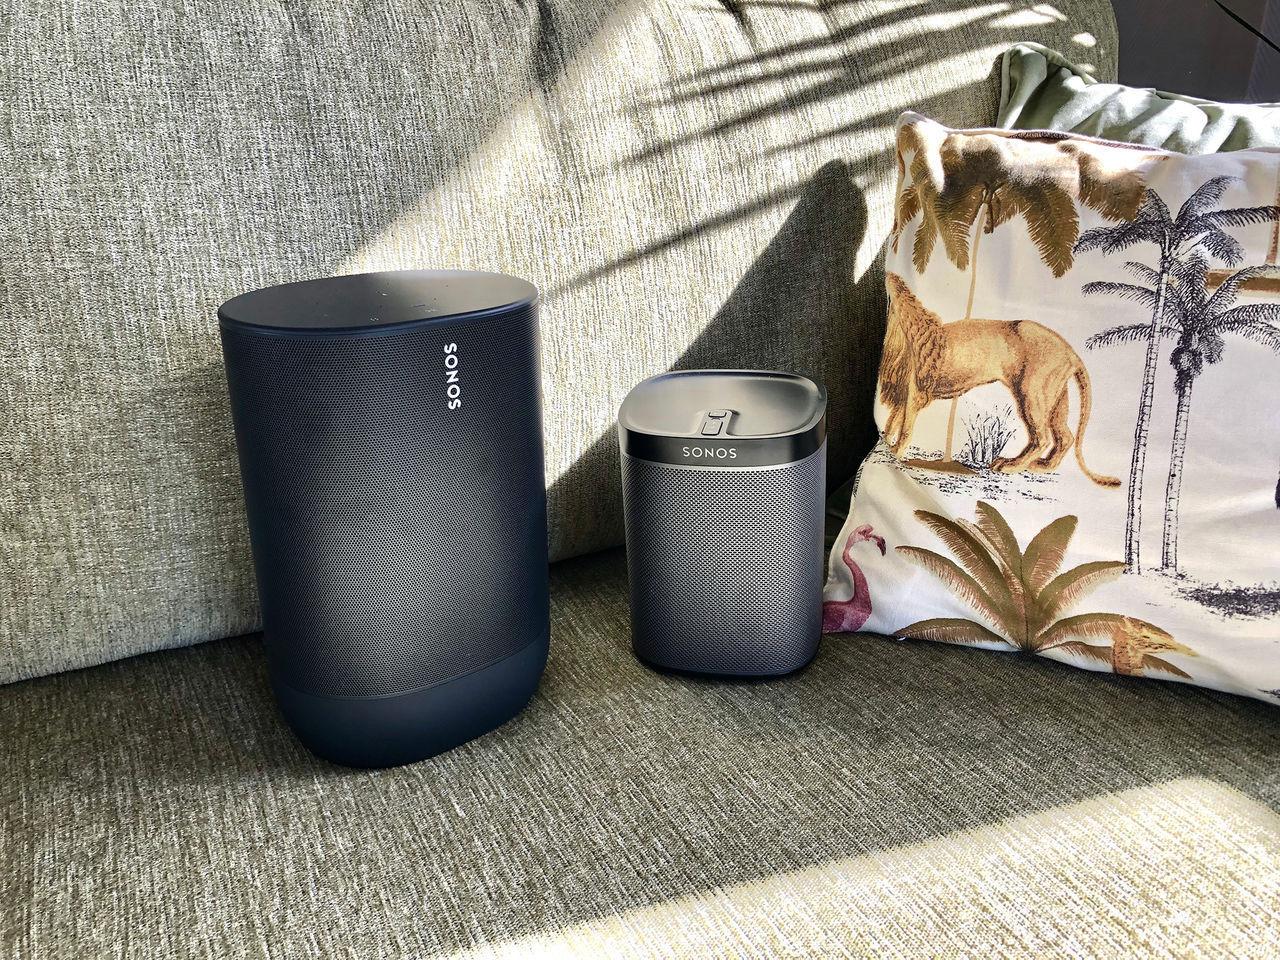 Sonos stämmer Google för patentintrång